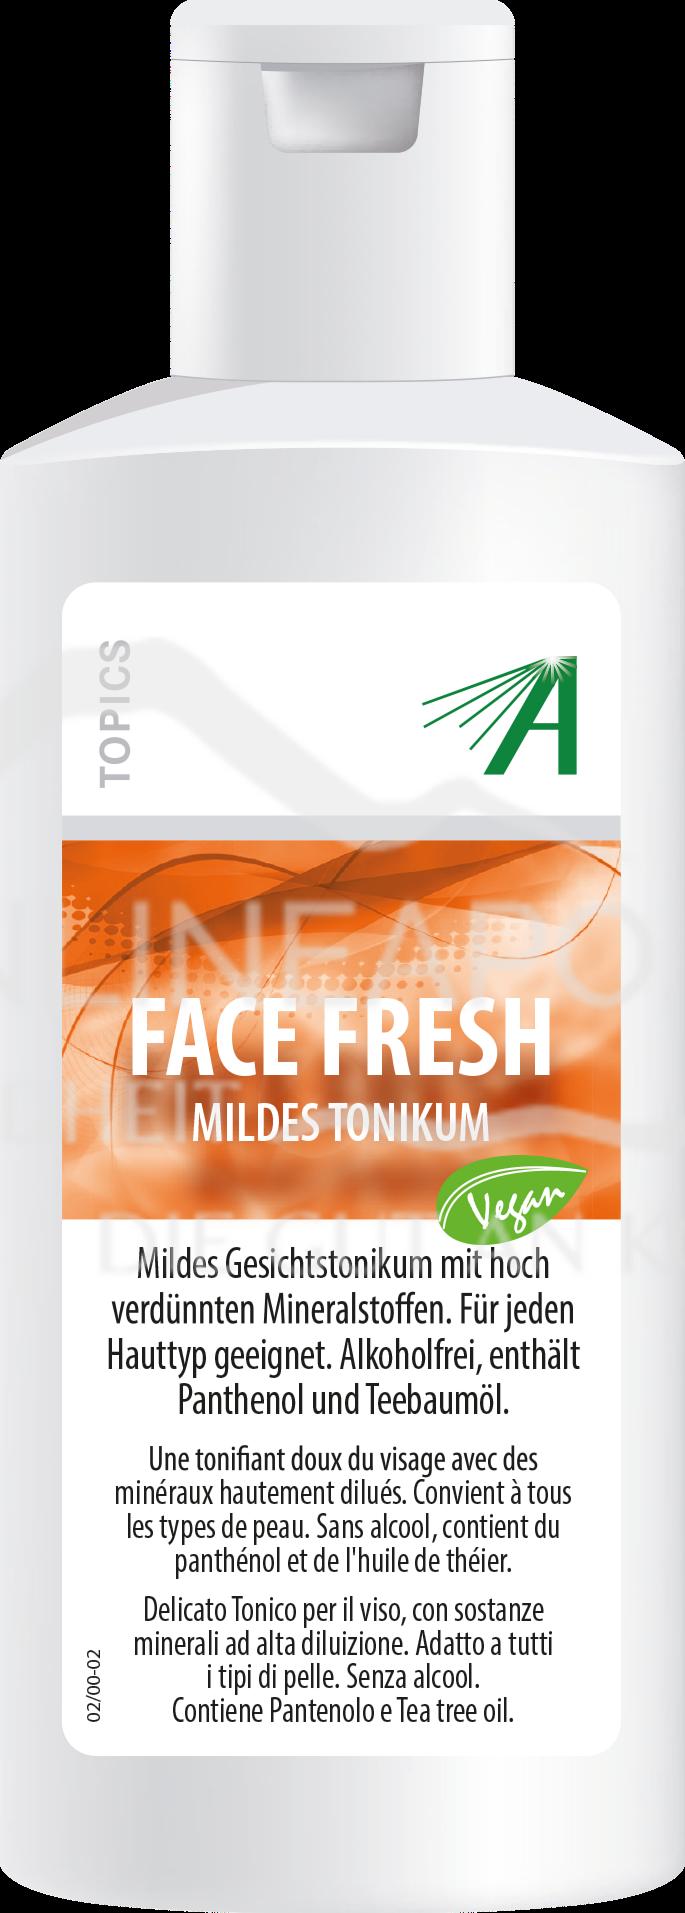 Adler Face Fresh – Mildes Tonikum